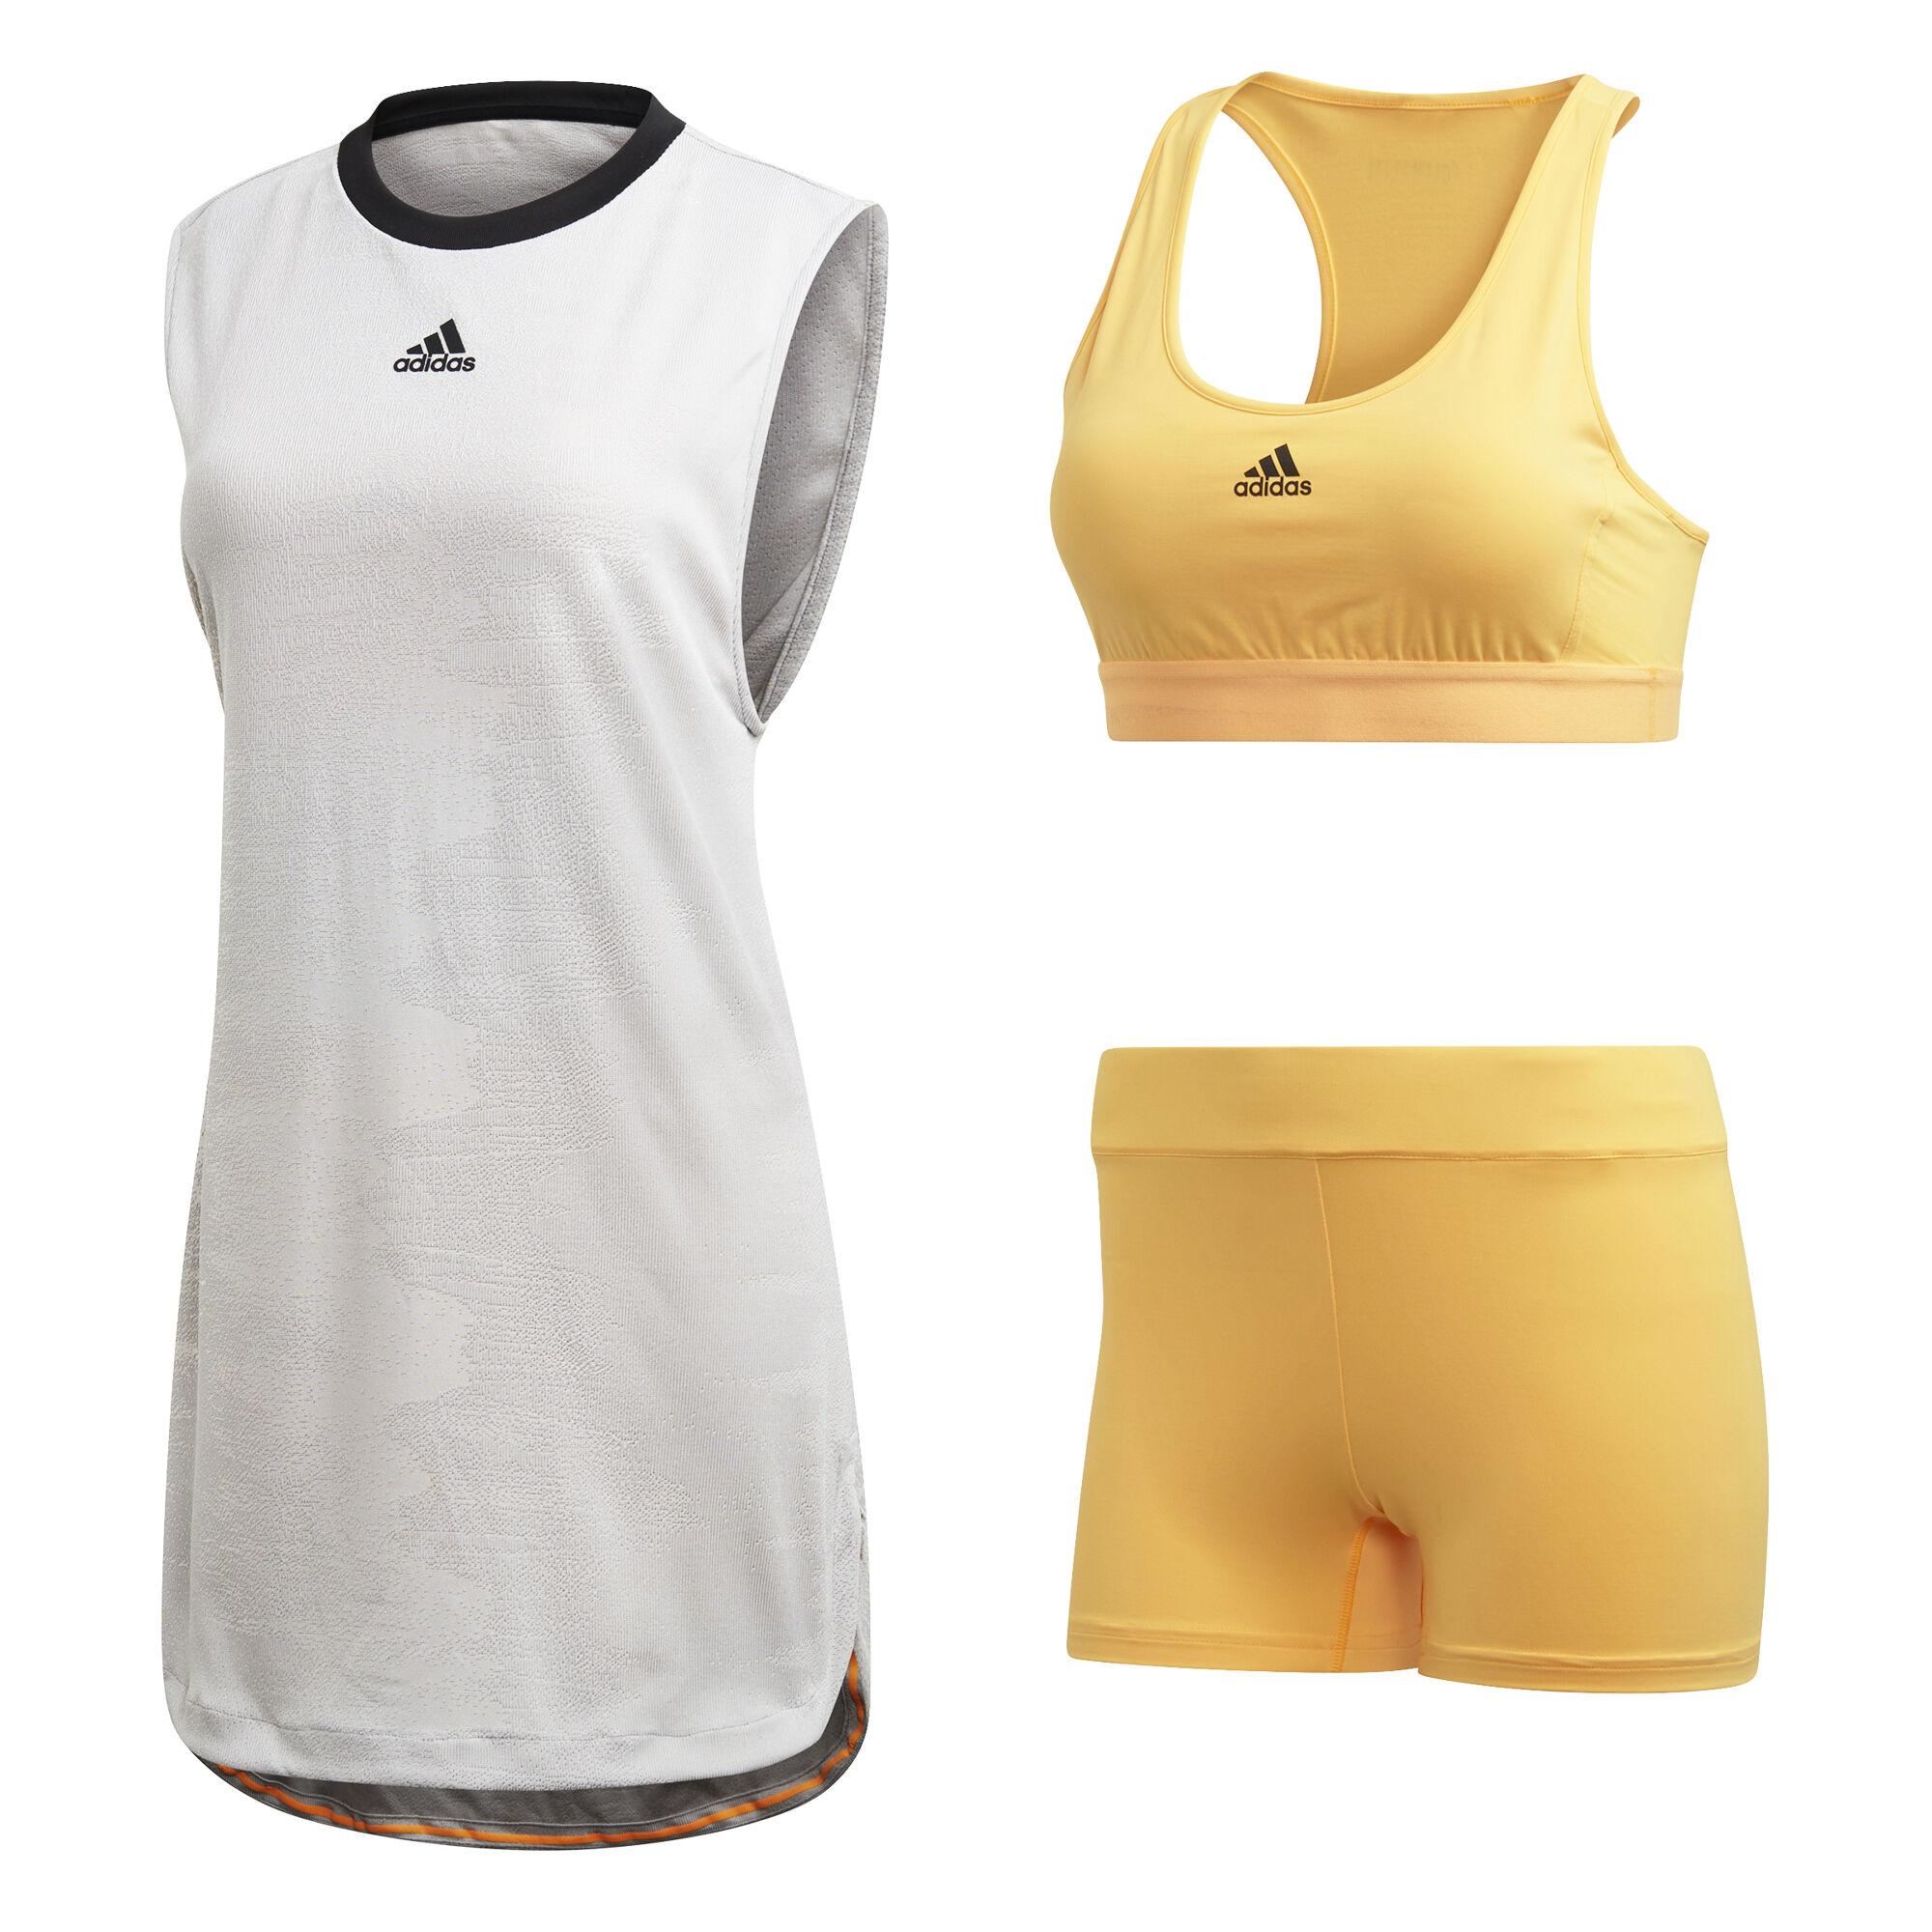 adidas New York Kleid Damen - Hellgrau, Gelb online kaufen ...